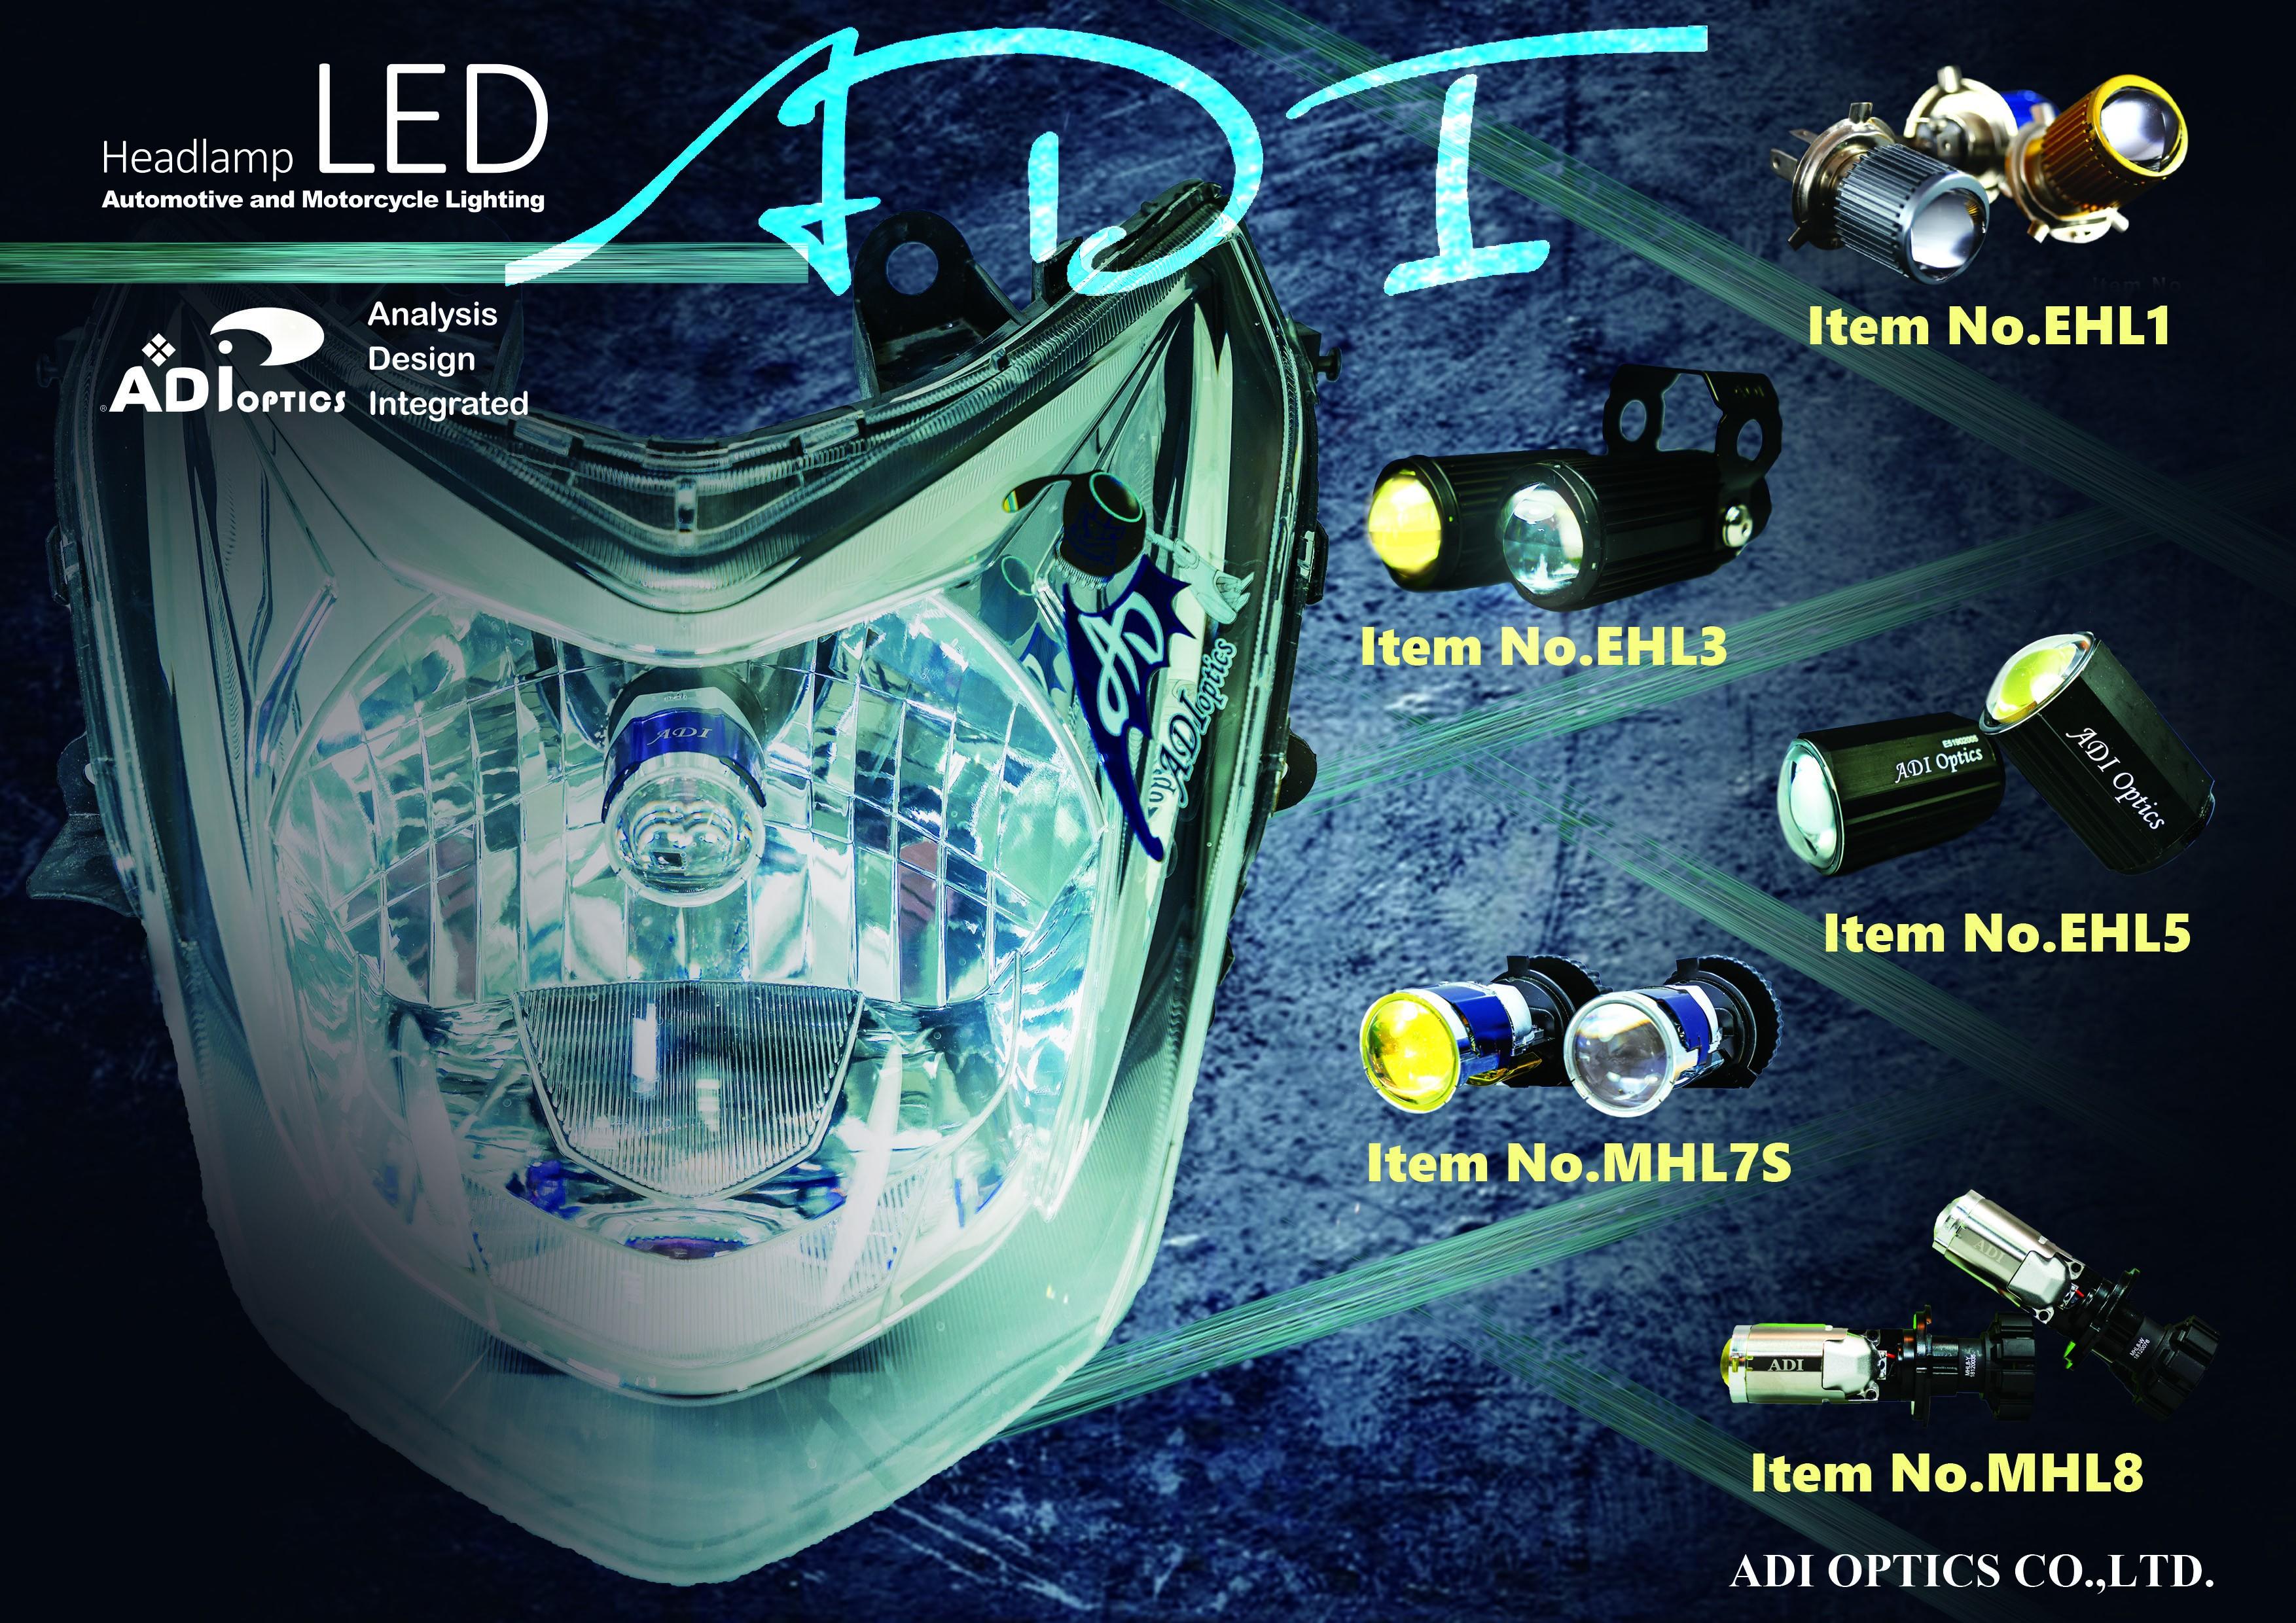 不眩光智能溫控LED車燈燈芯